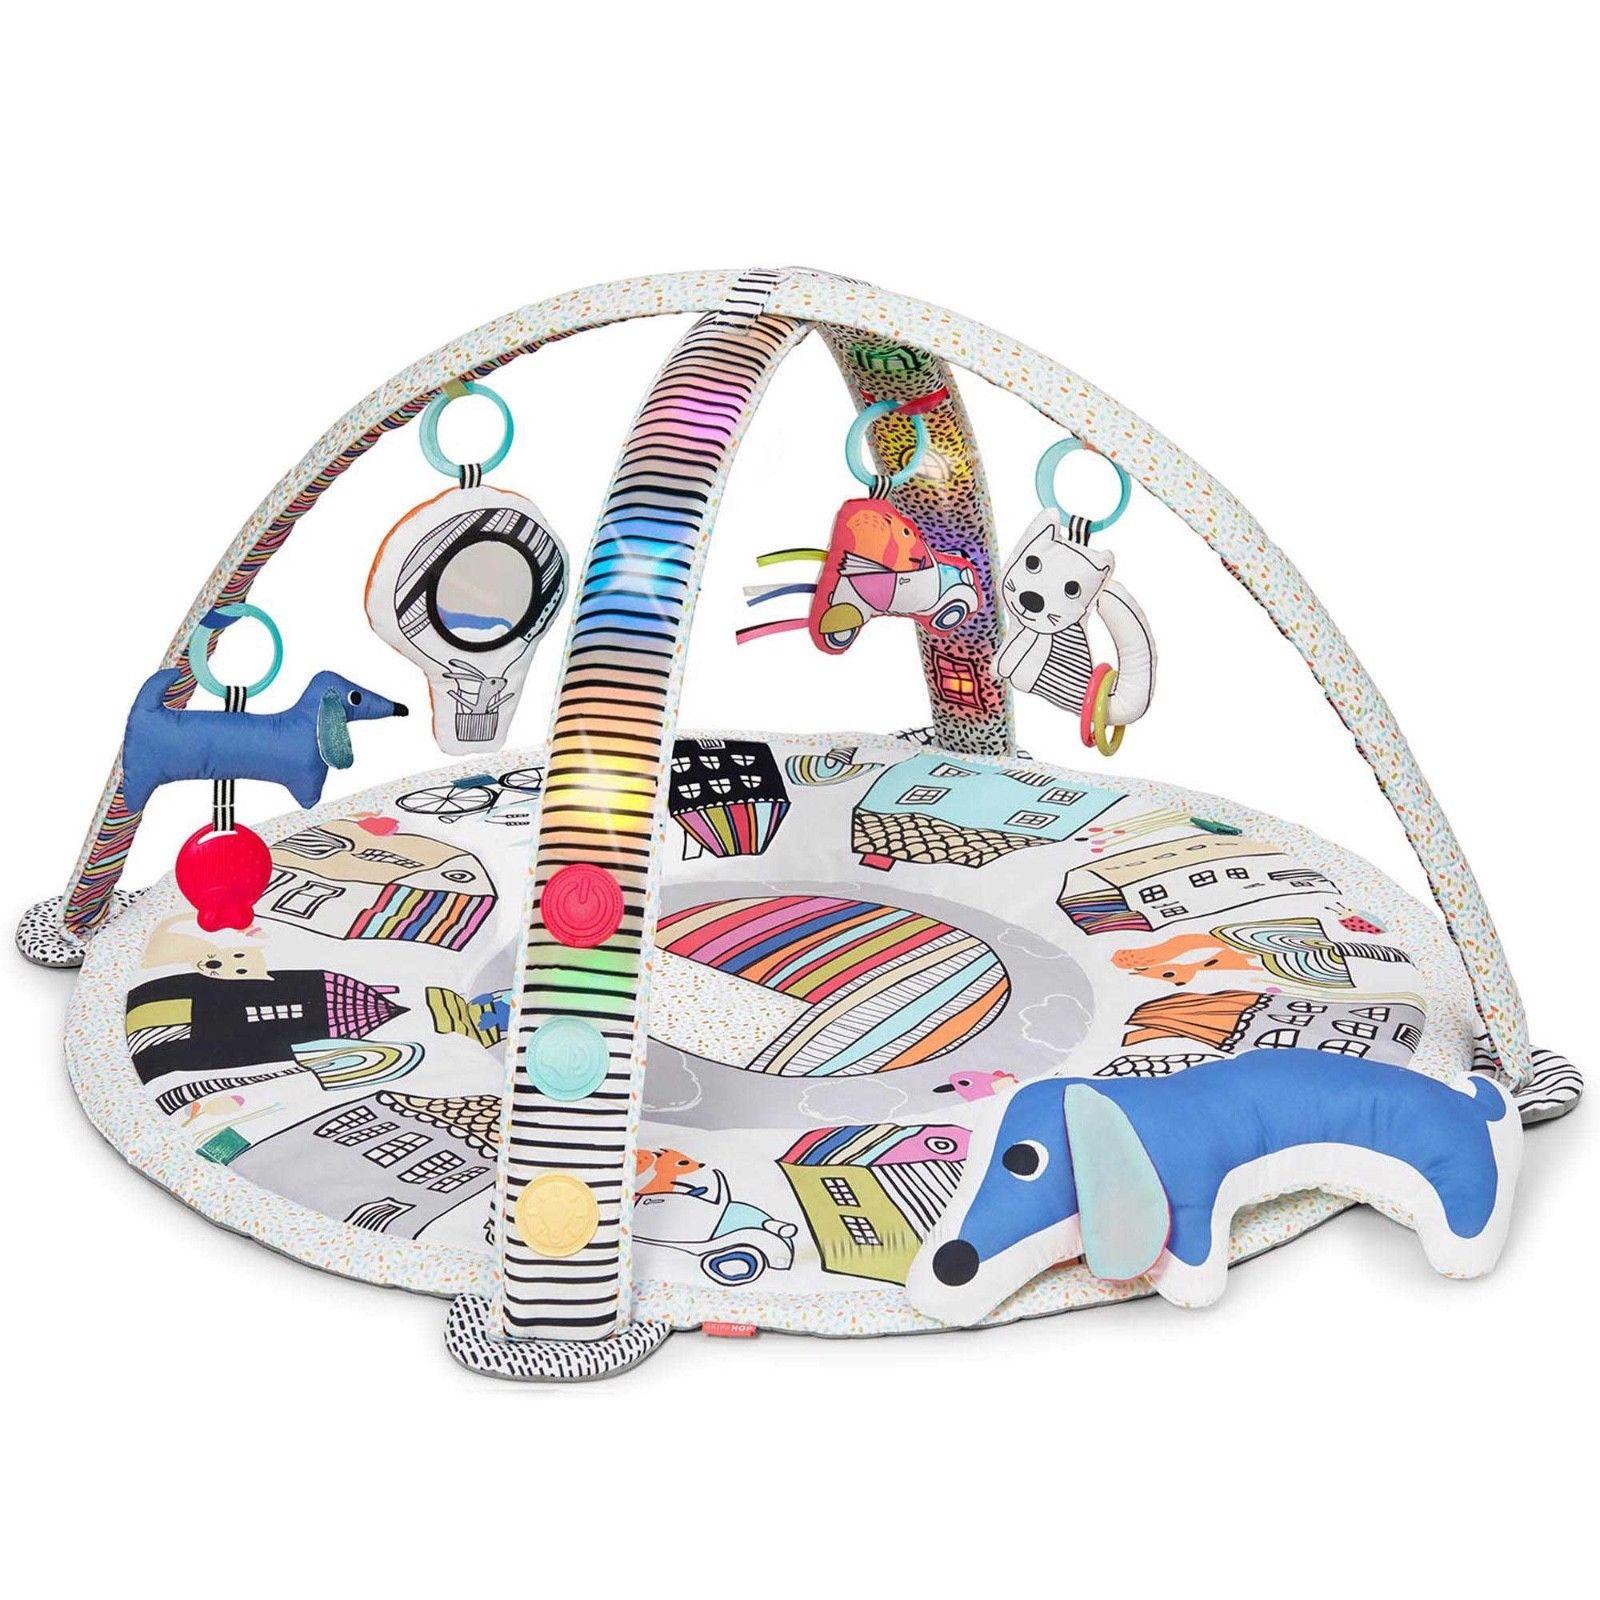 Гимнастический коврик c дугами, свет, звукДетские развивающие коврики для новорожденных<br>Гимнастический коврик c дугами, свет, звук<br>